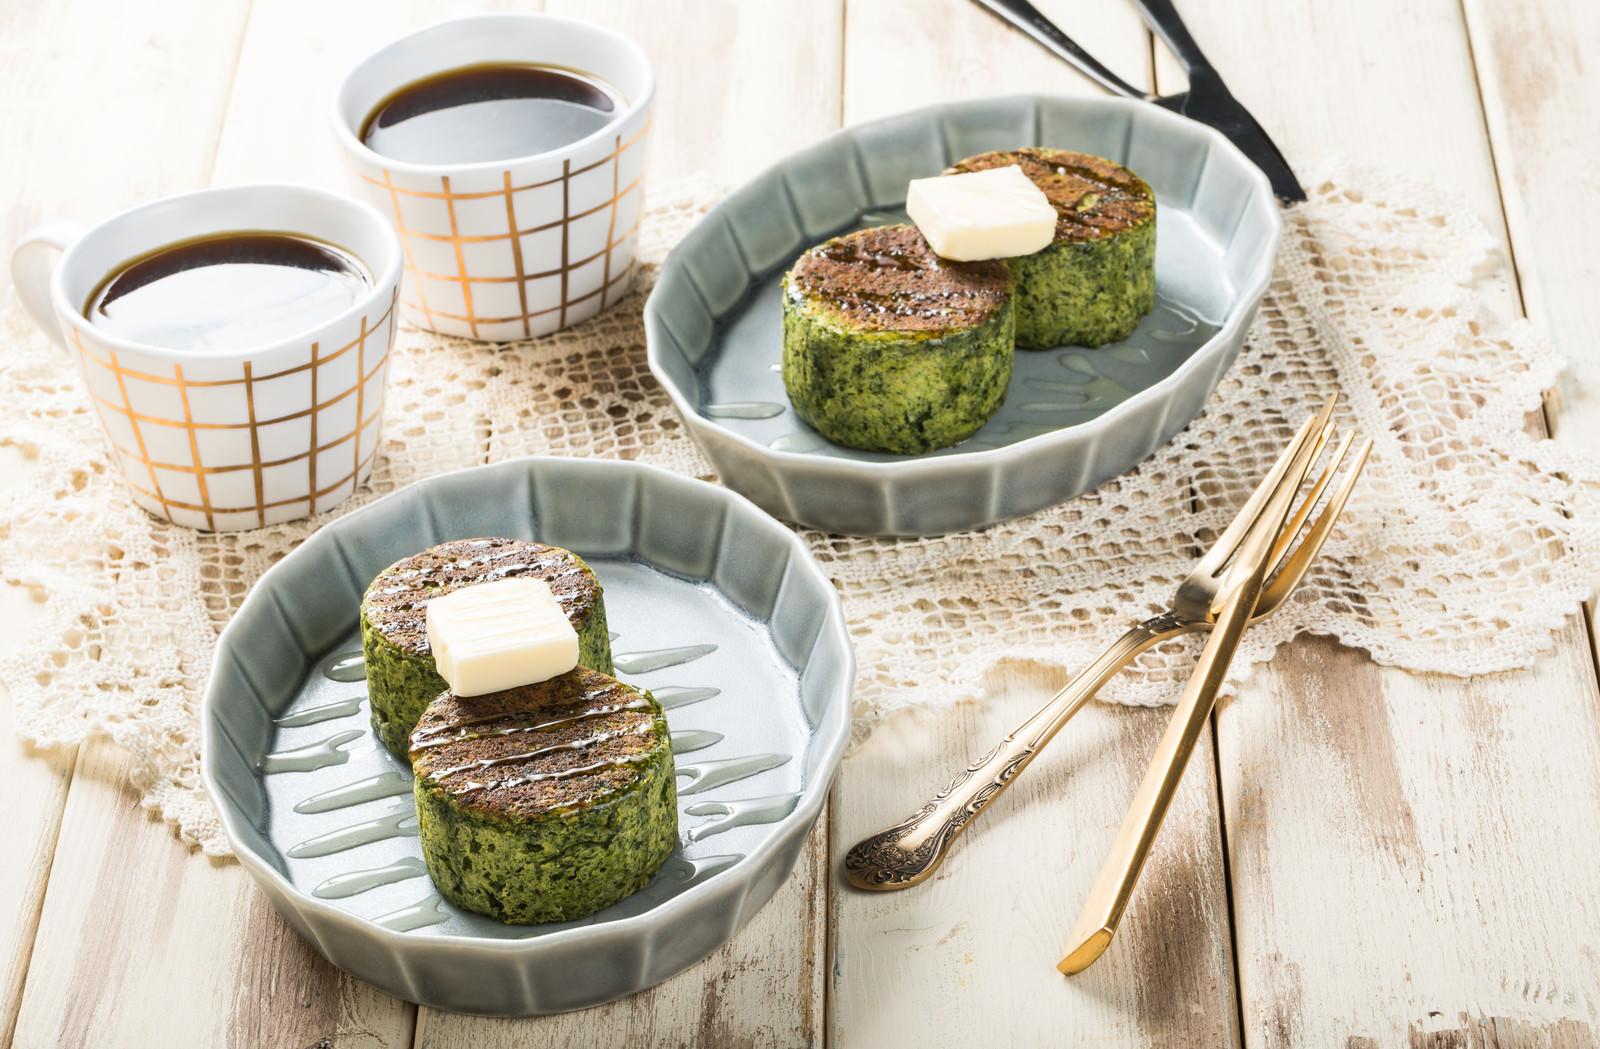 「ほうれん草のベジパンケーキ(グルテンフリー)ほうれん草のベジパンケーキ(グルテンフリー)」のフリー写真素材を拡大